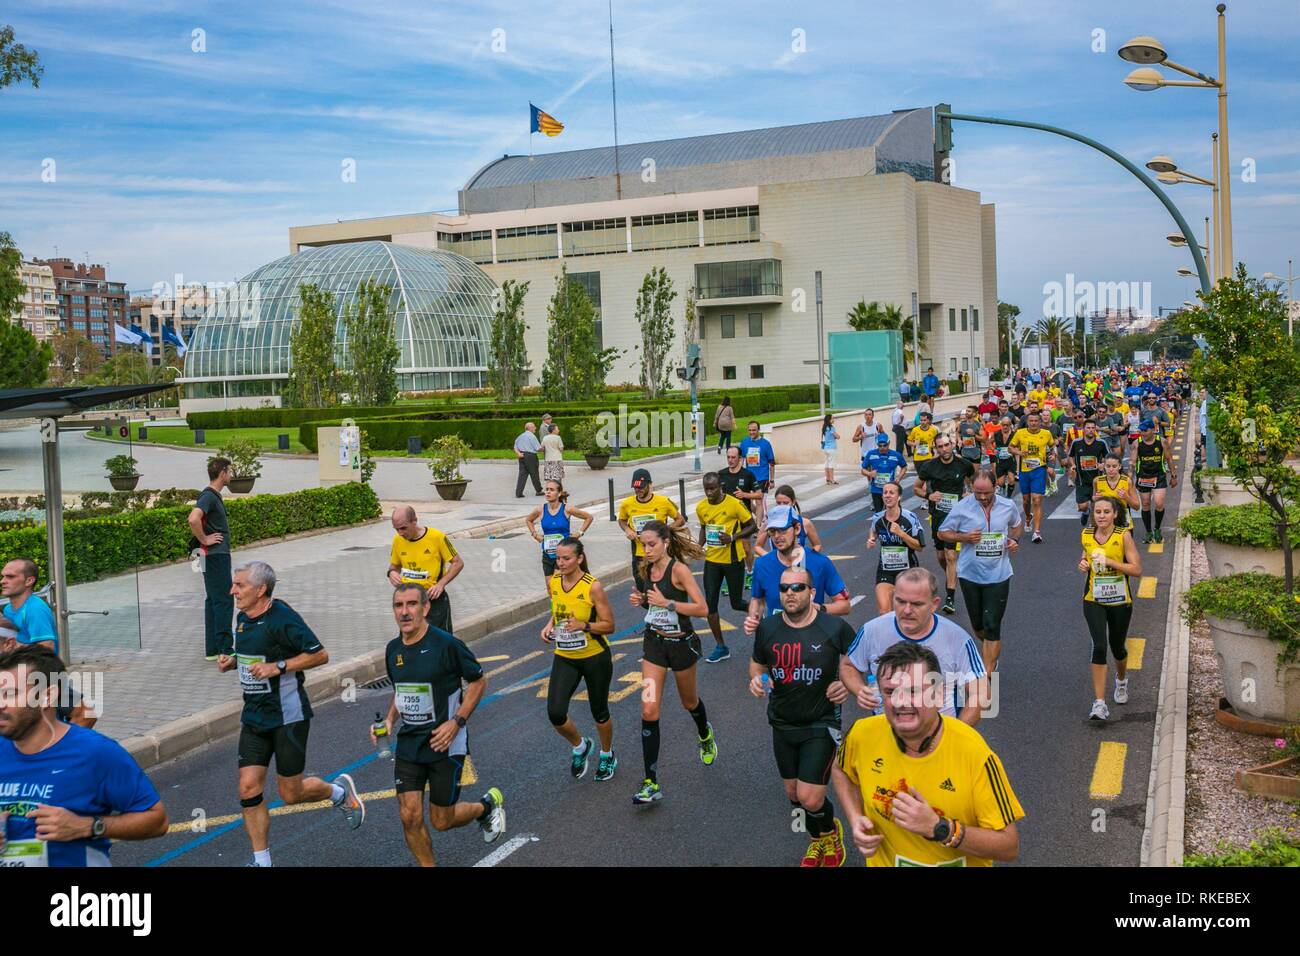 Maratón. El paseo de la Alameda. A la izquierda, el Palau de la música. Valencia. Comunidad Valenciana. España. Imagen De Stock